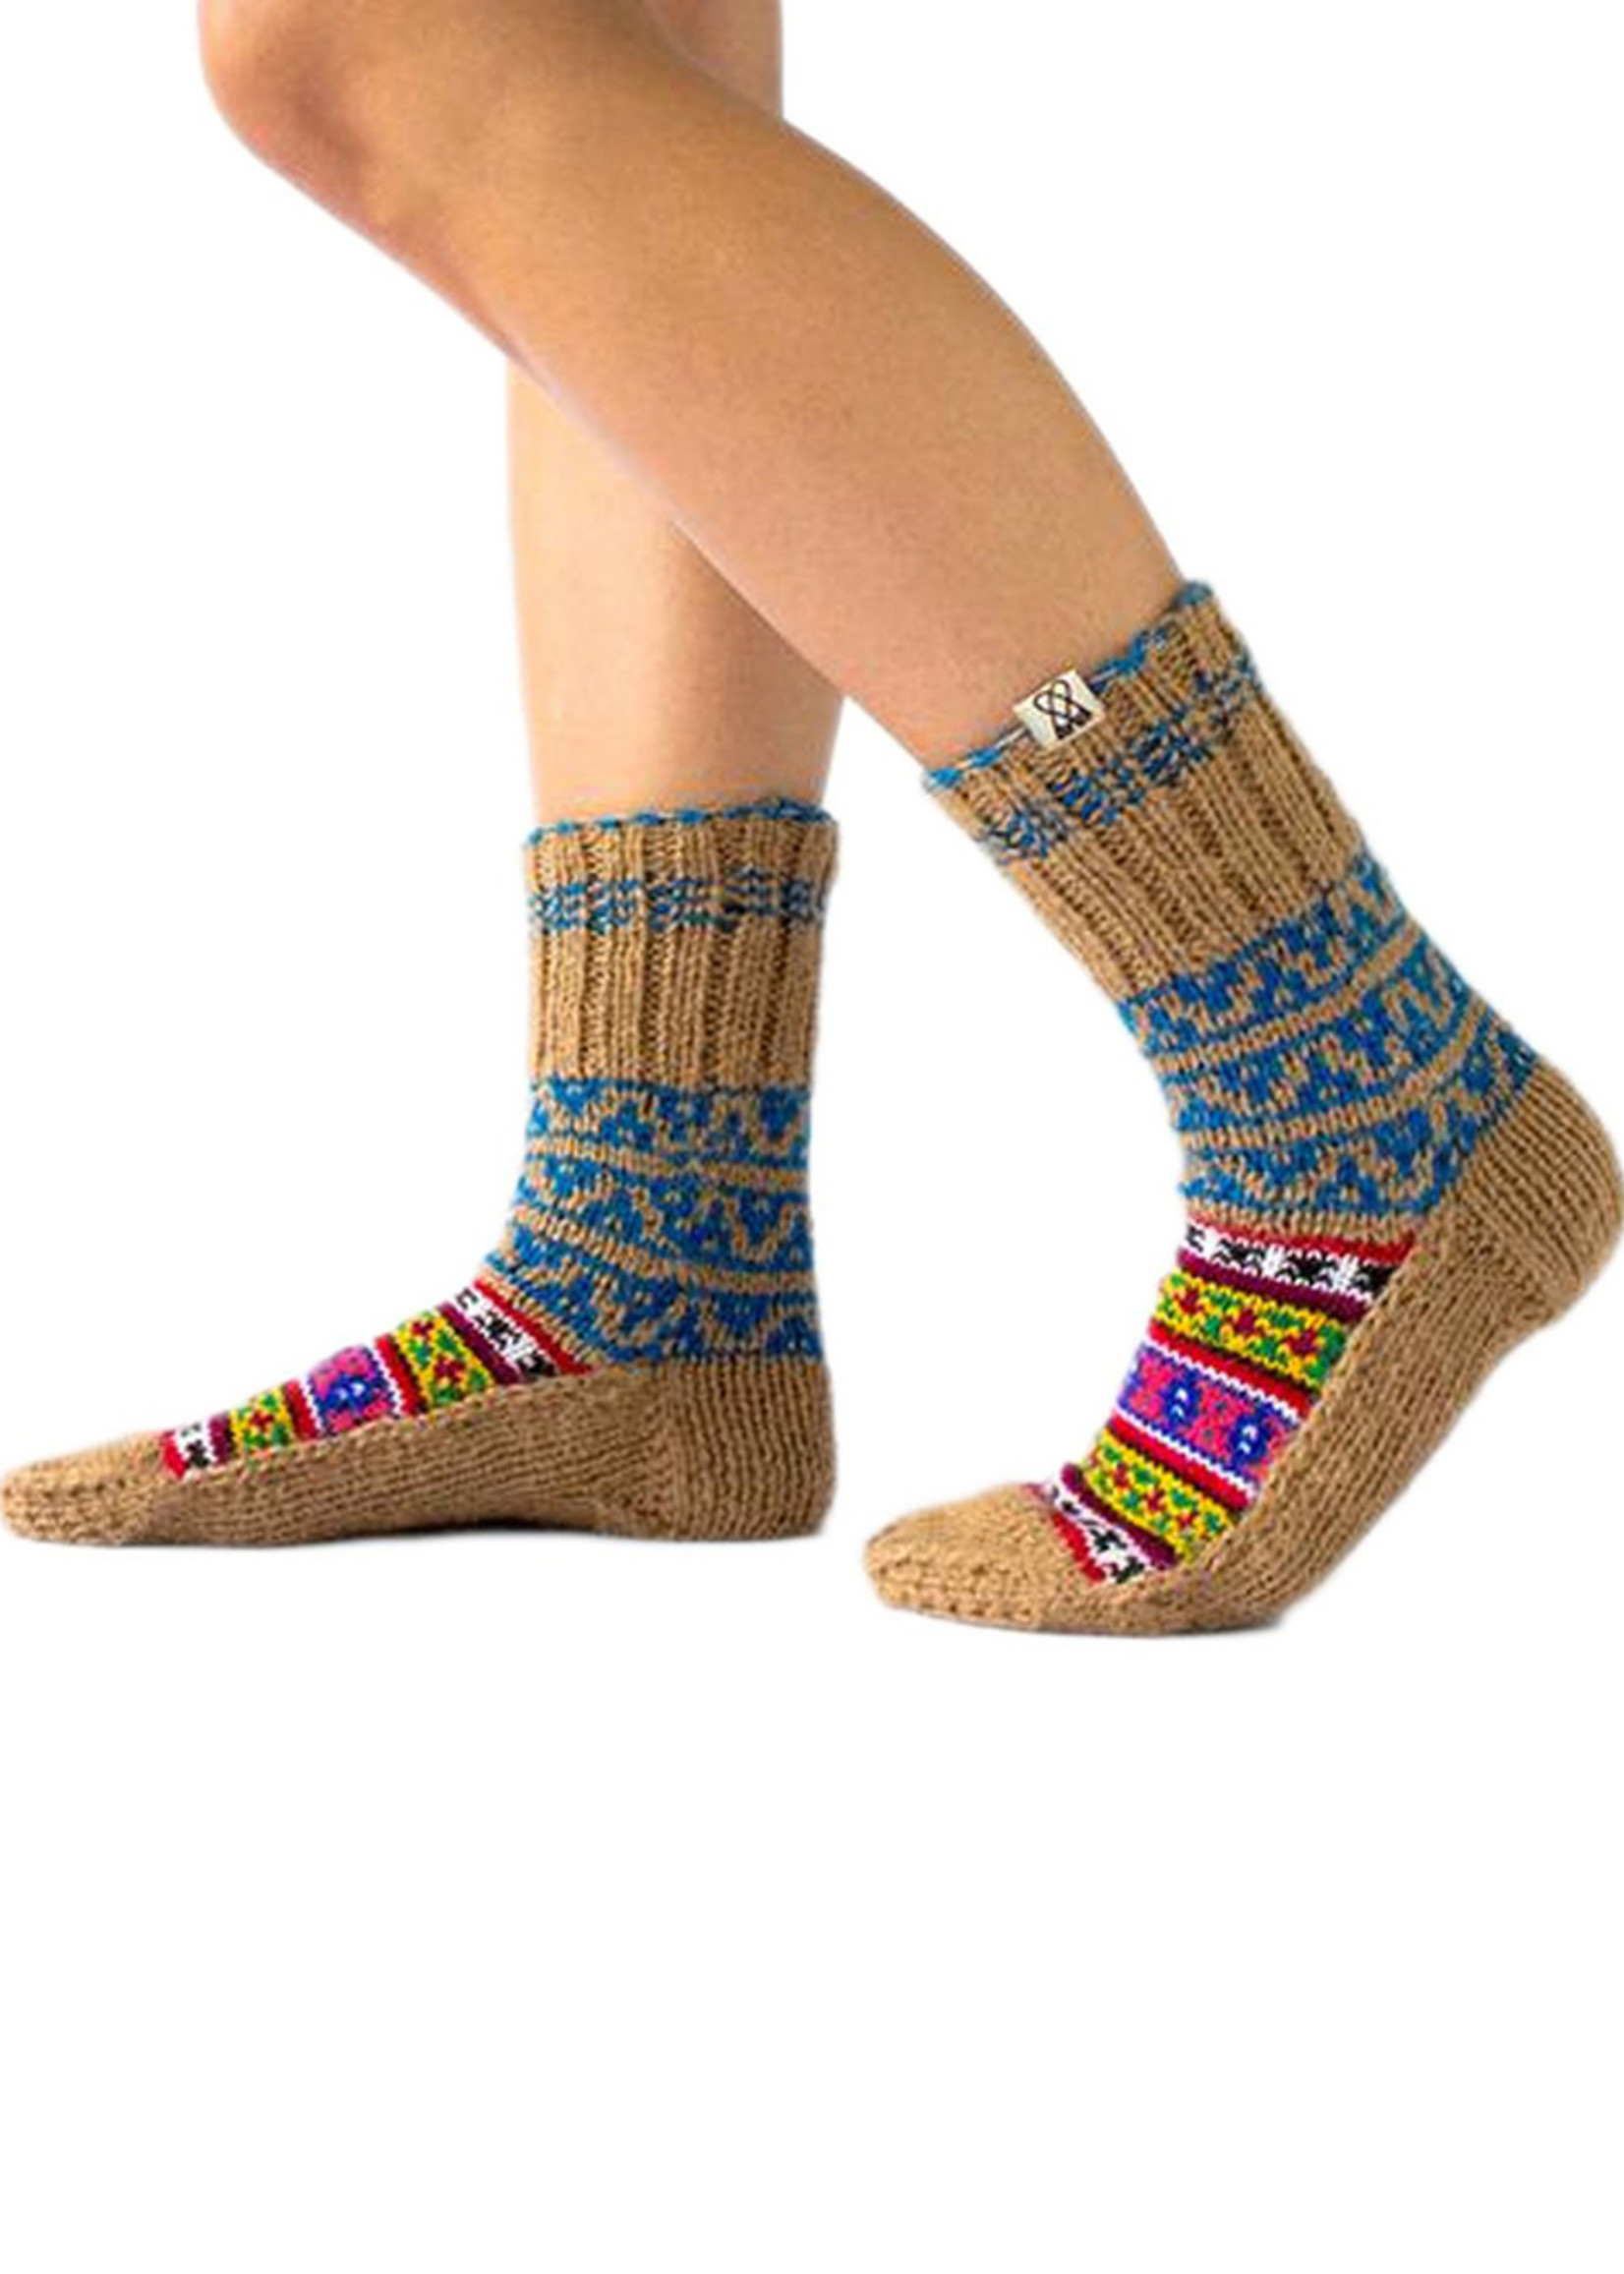 Chai (Tea) Brown & Blue Socks